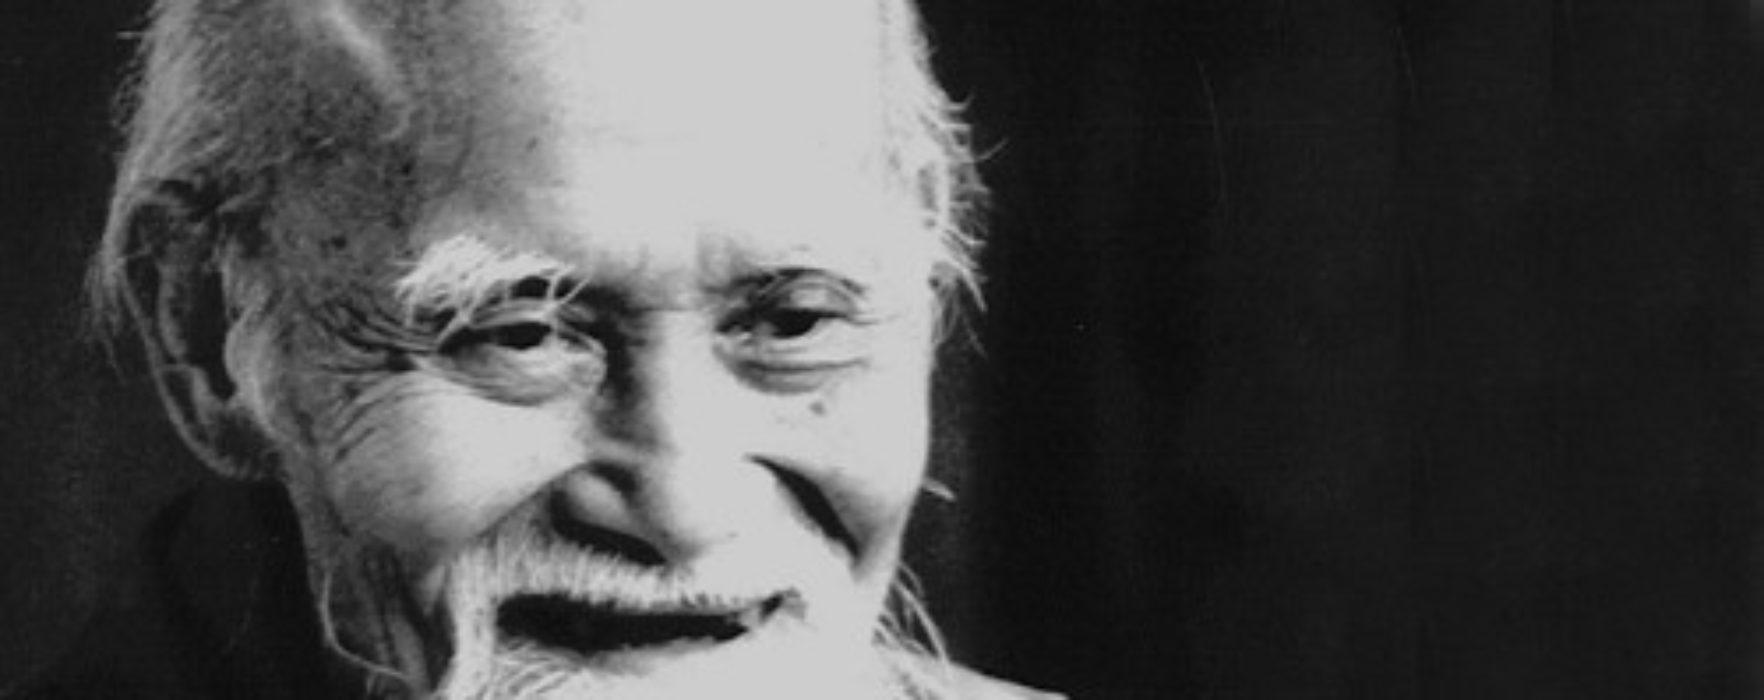 Biografia di O'Sensei